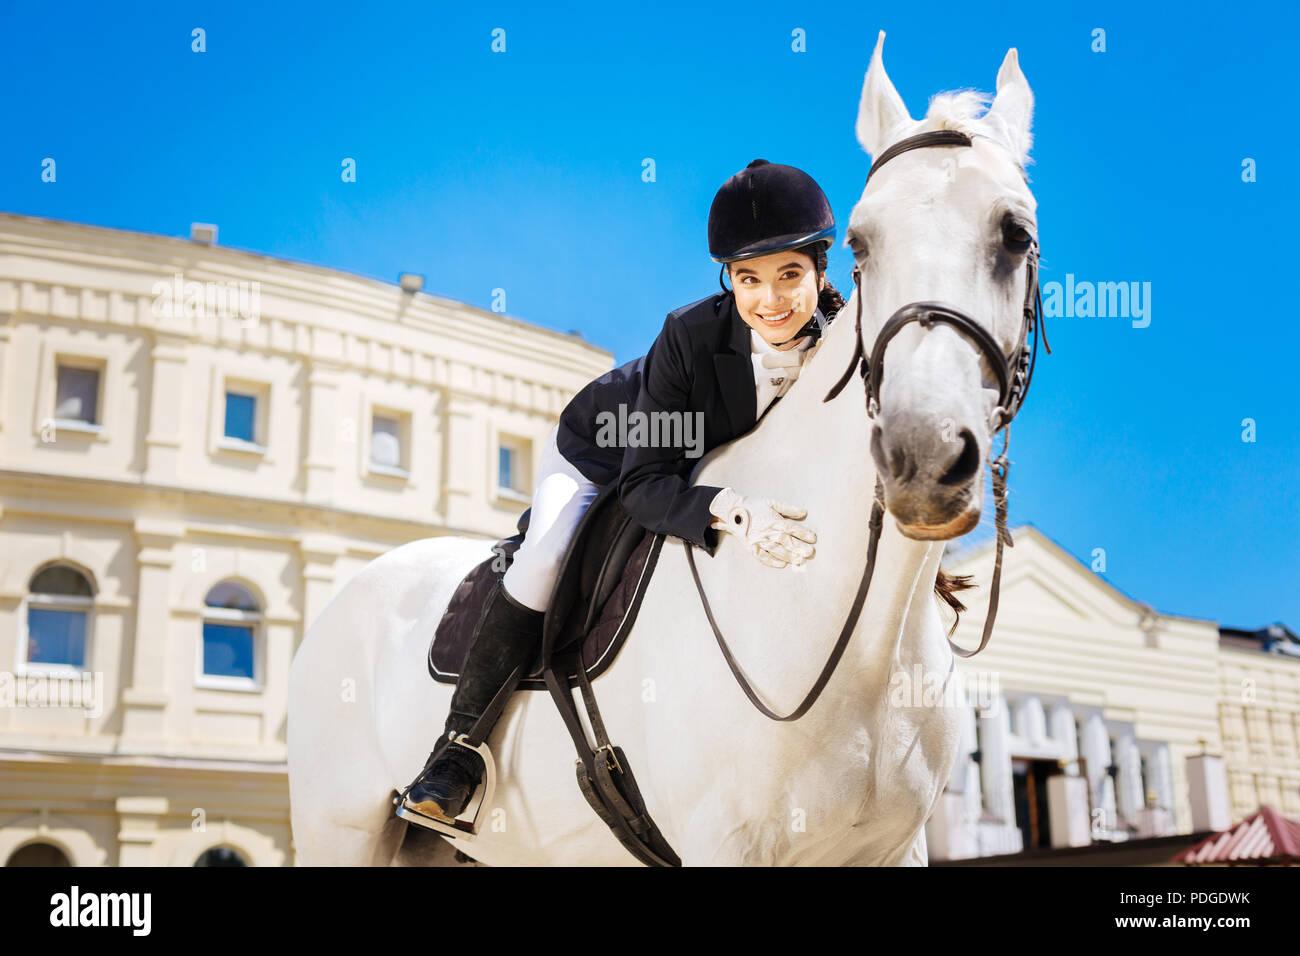 Black-eyed transmission rider femme appuyée sur son cheval blanc consacrée Photo Stock